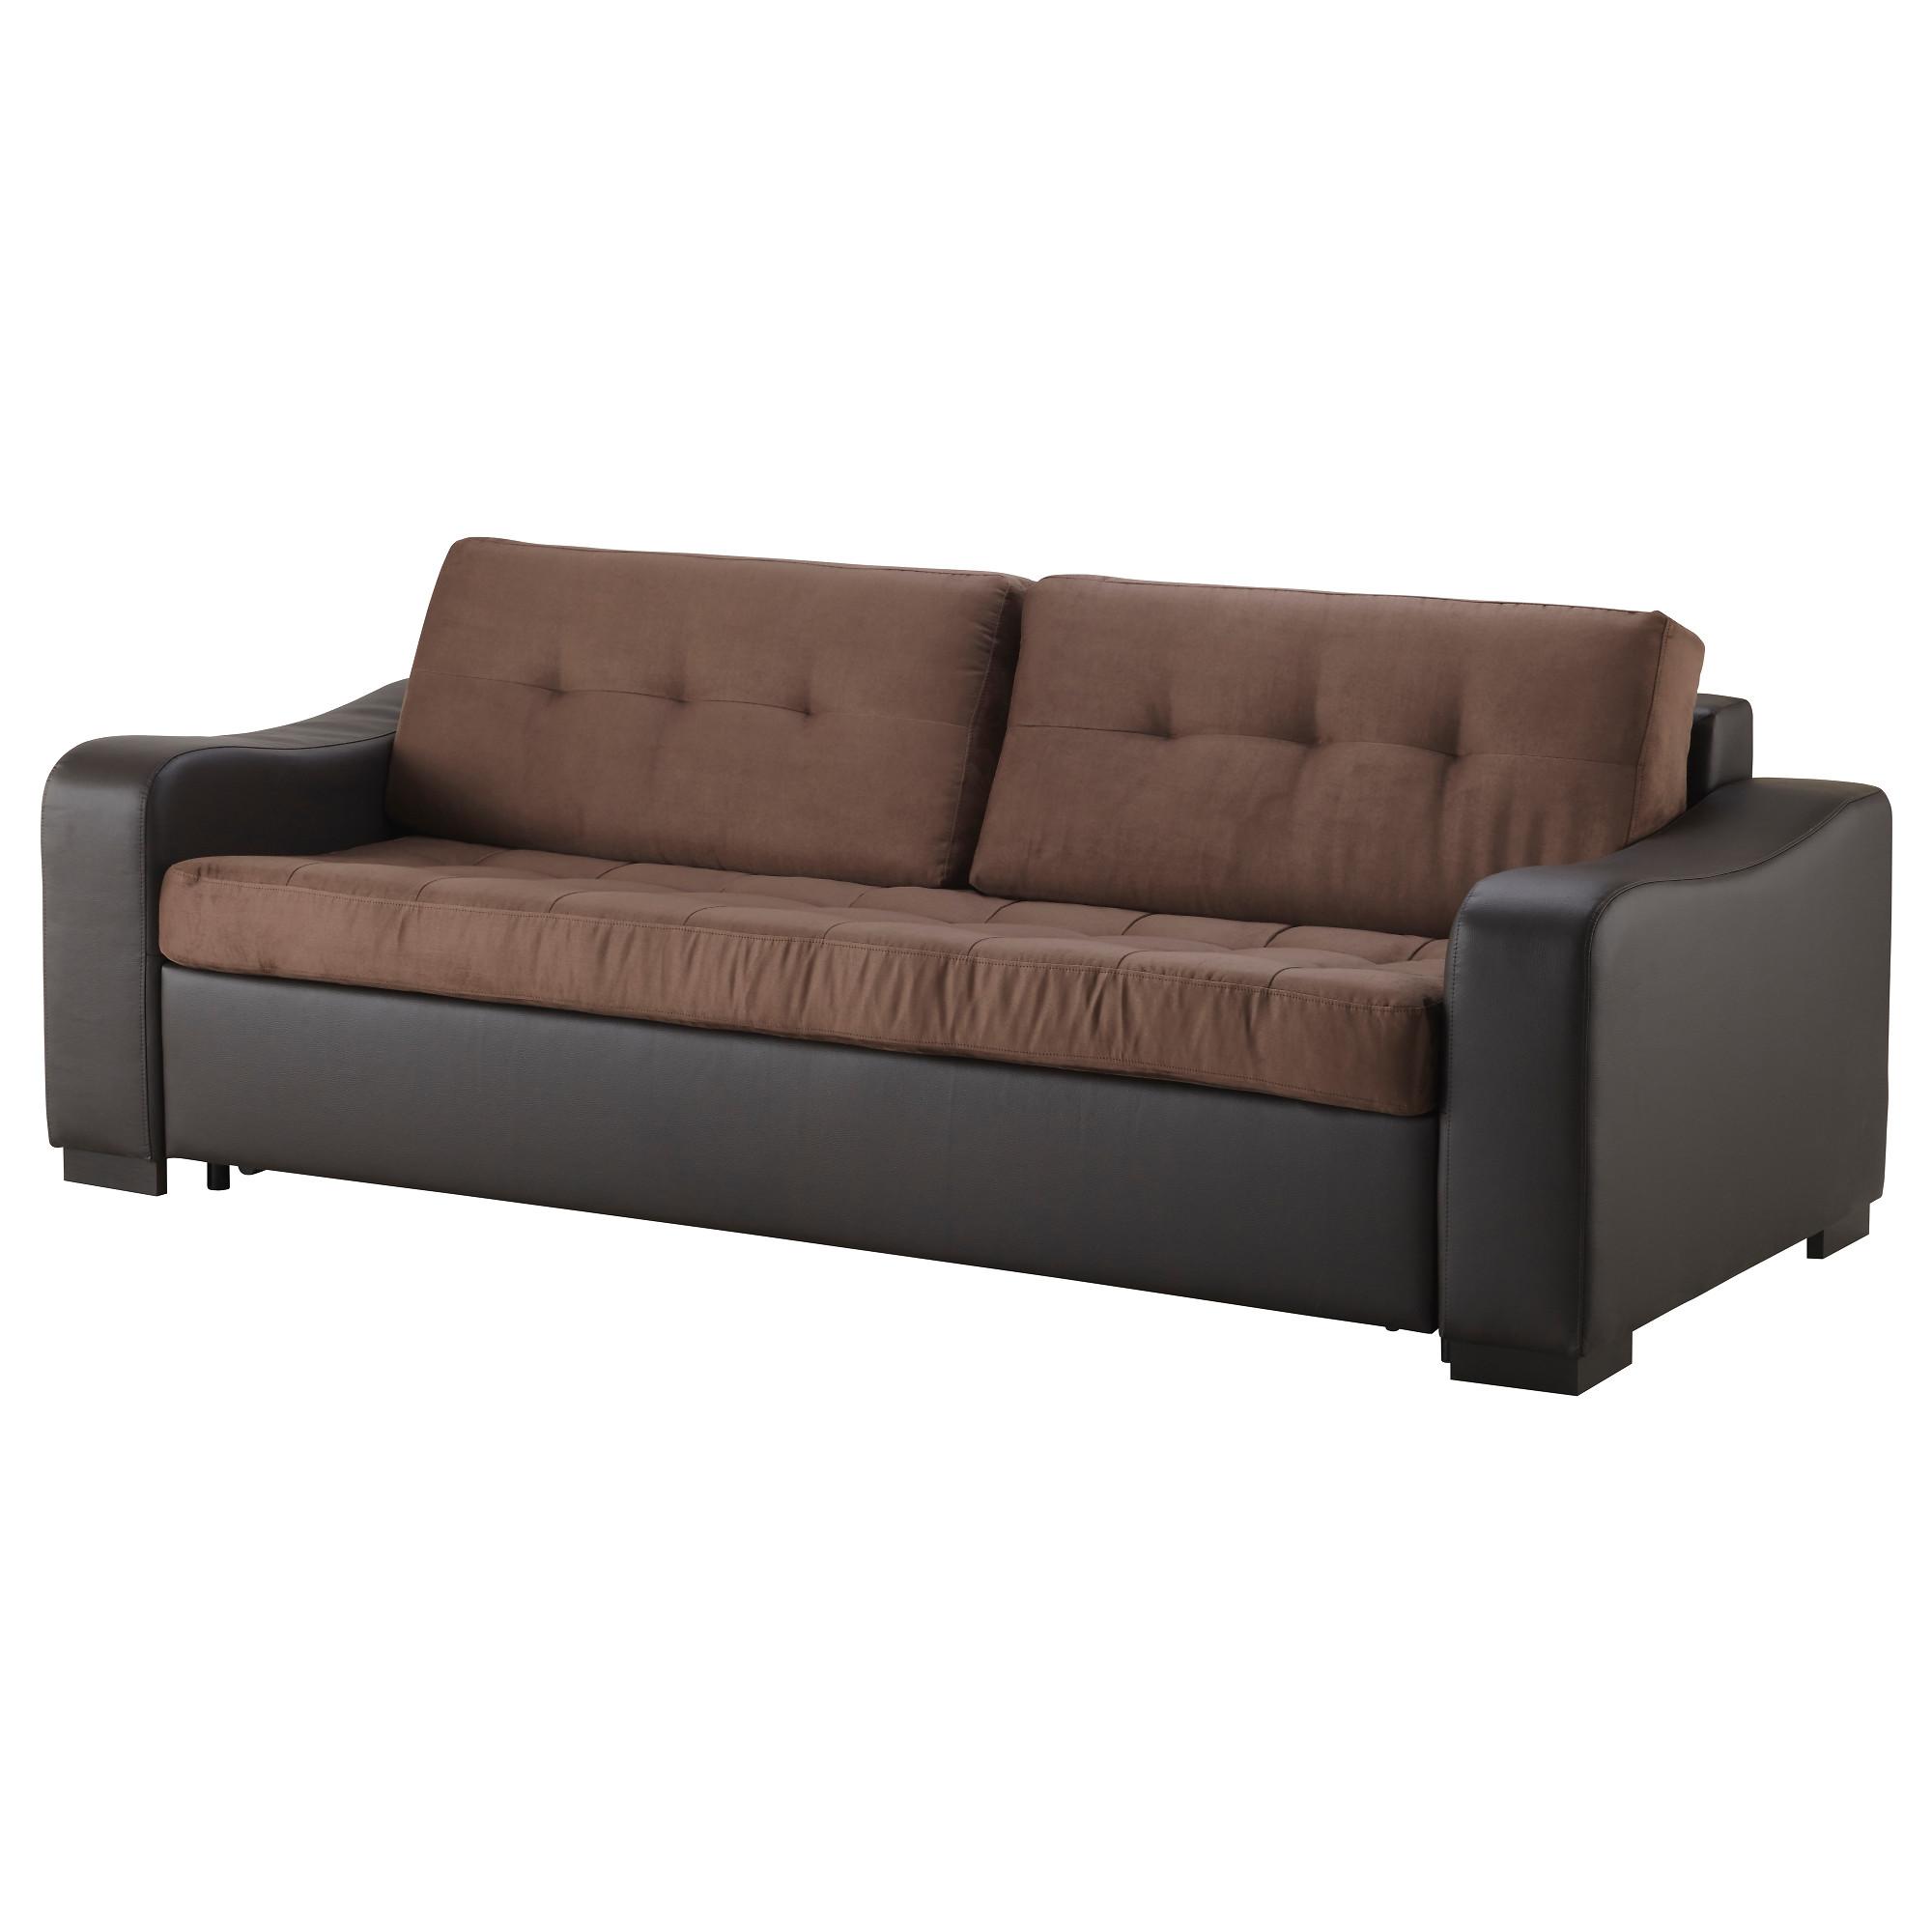 Купить диван-кровать 3-местный лиарум / лэннэс, оннарп корич.